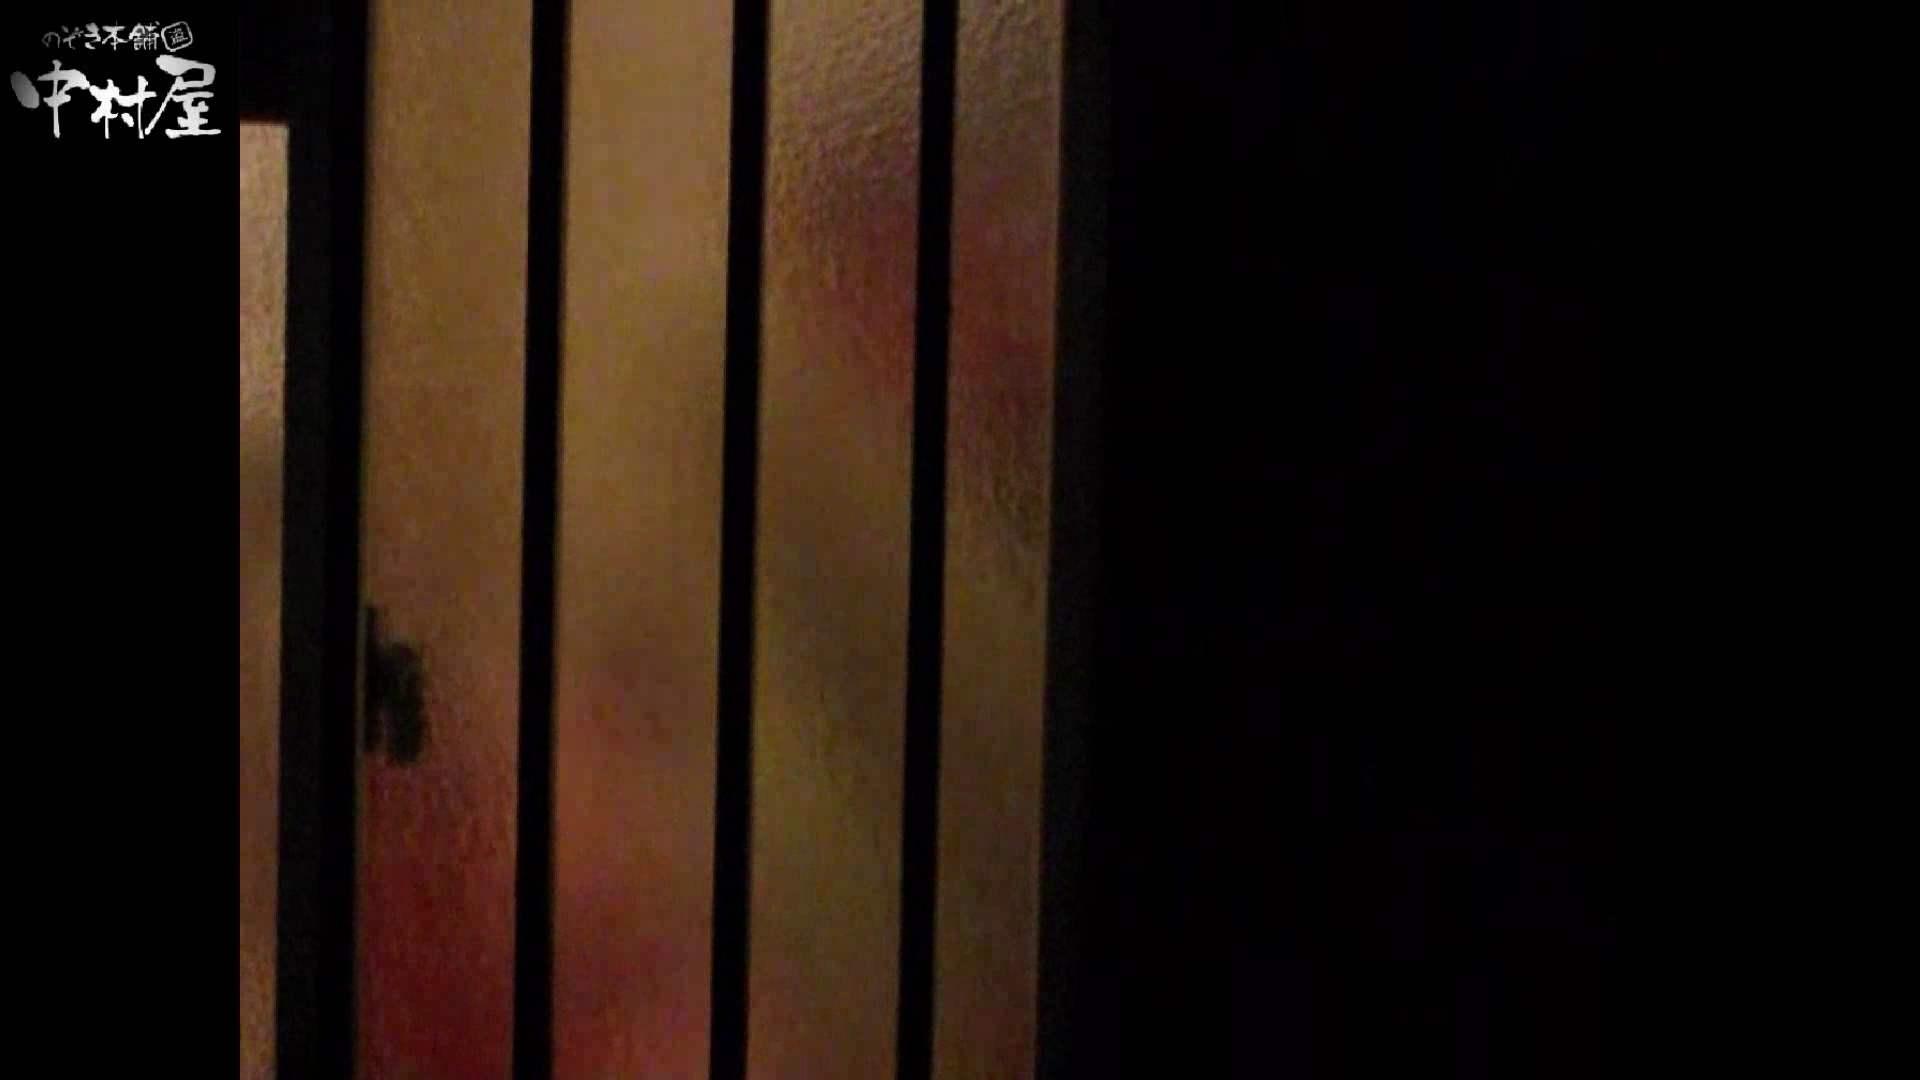 民家風呂専門盗撮師の超危険映像 vol.003 盗撮シリーズ | 民家シリーズ  76PIX 11